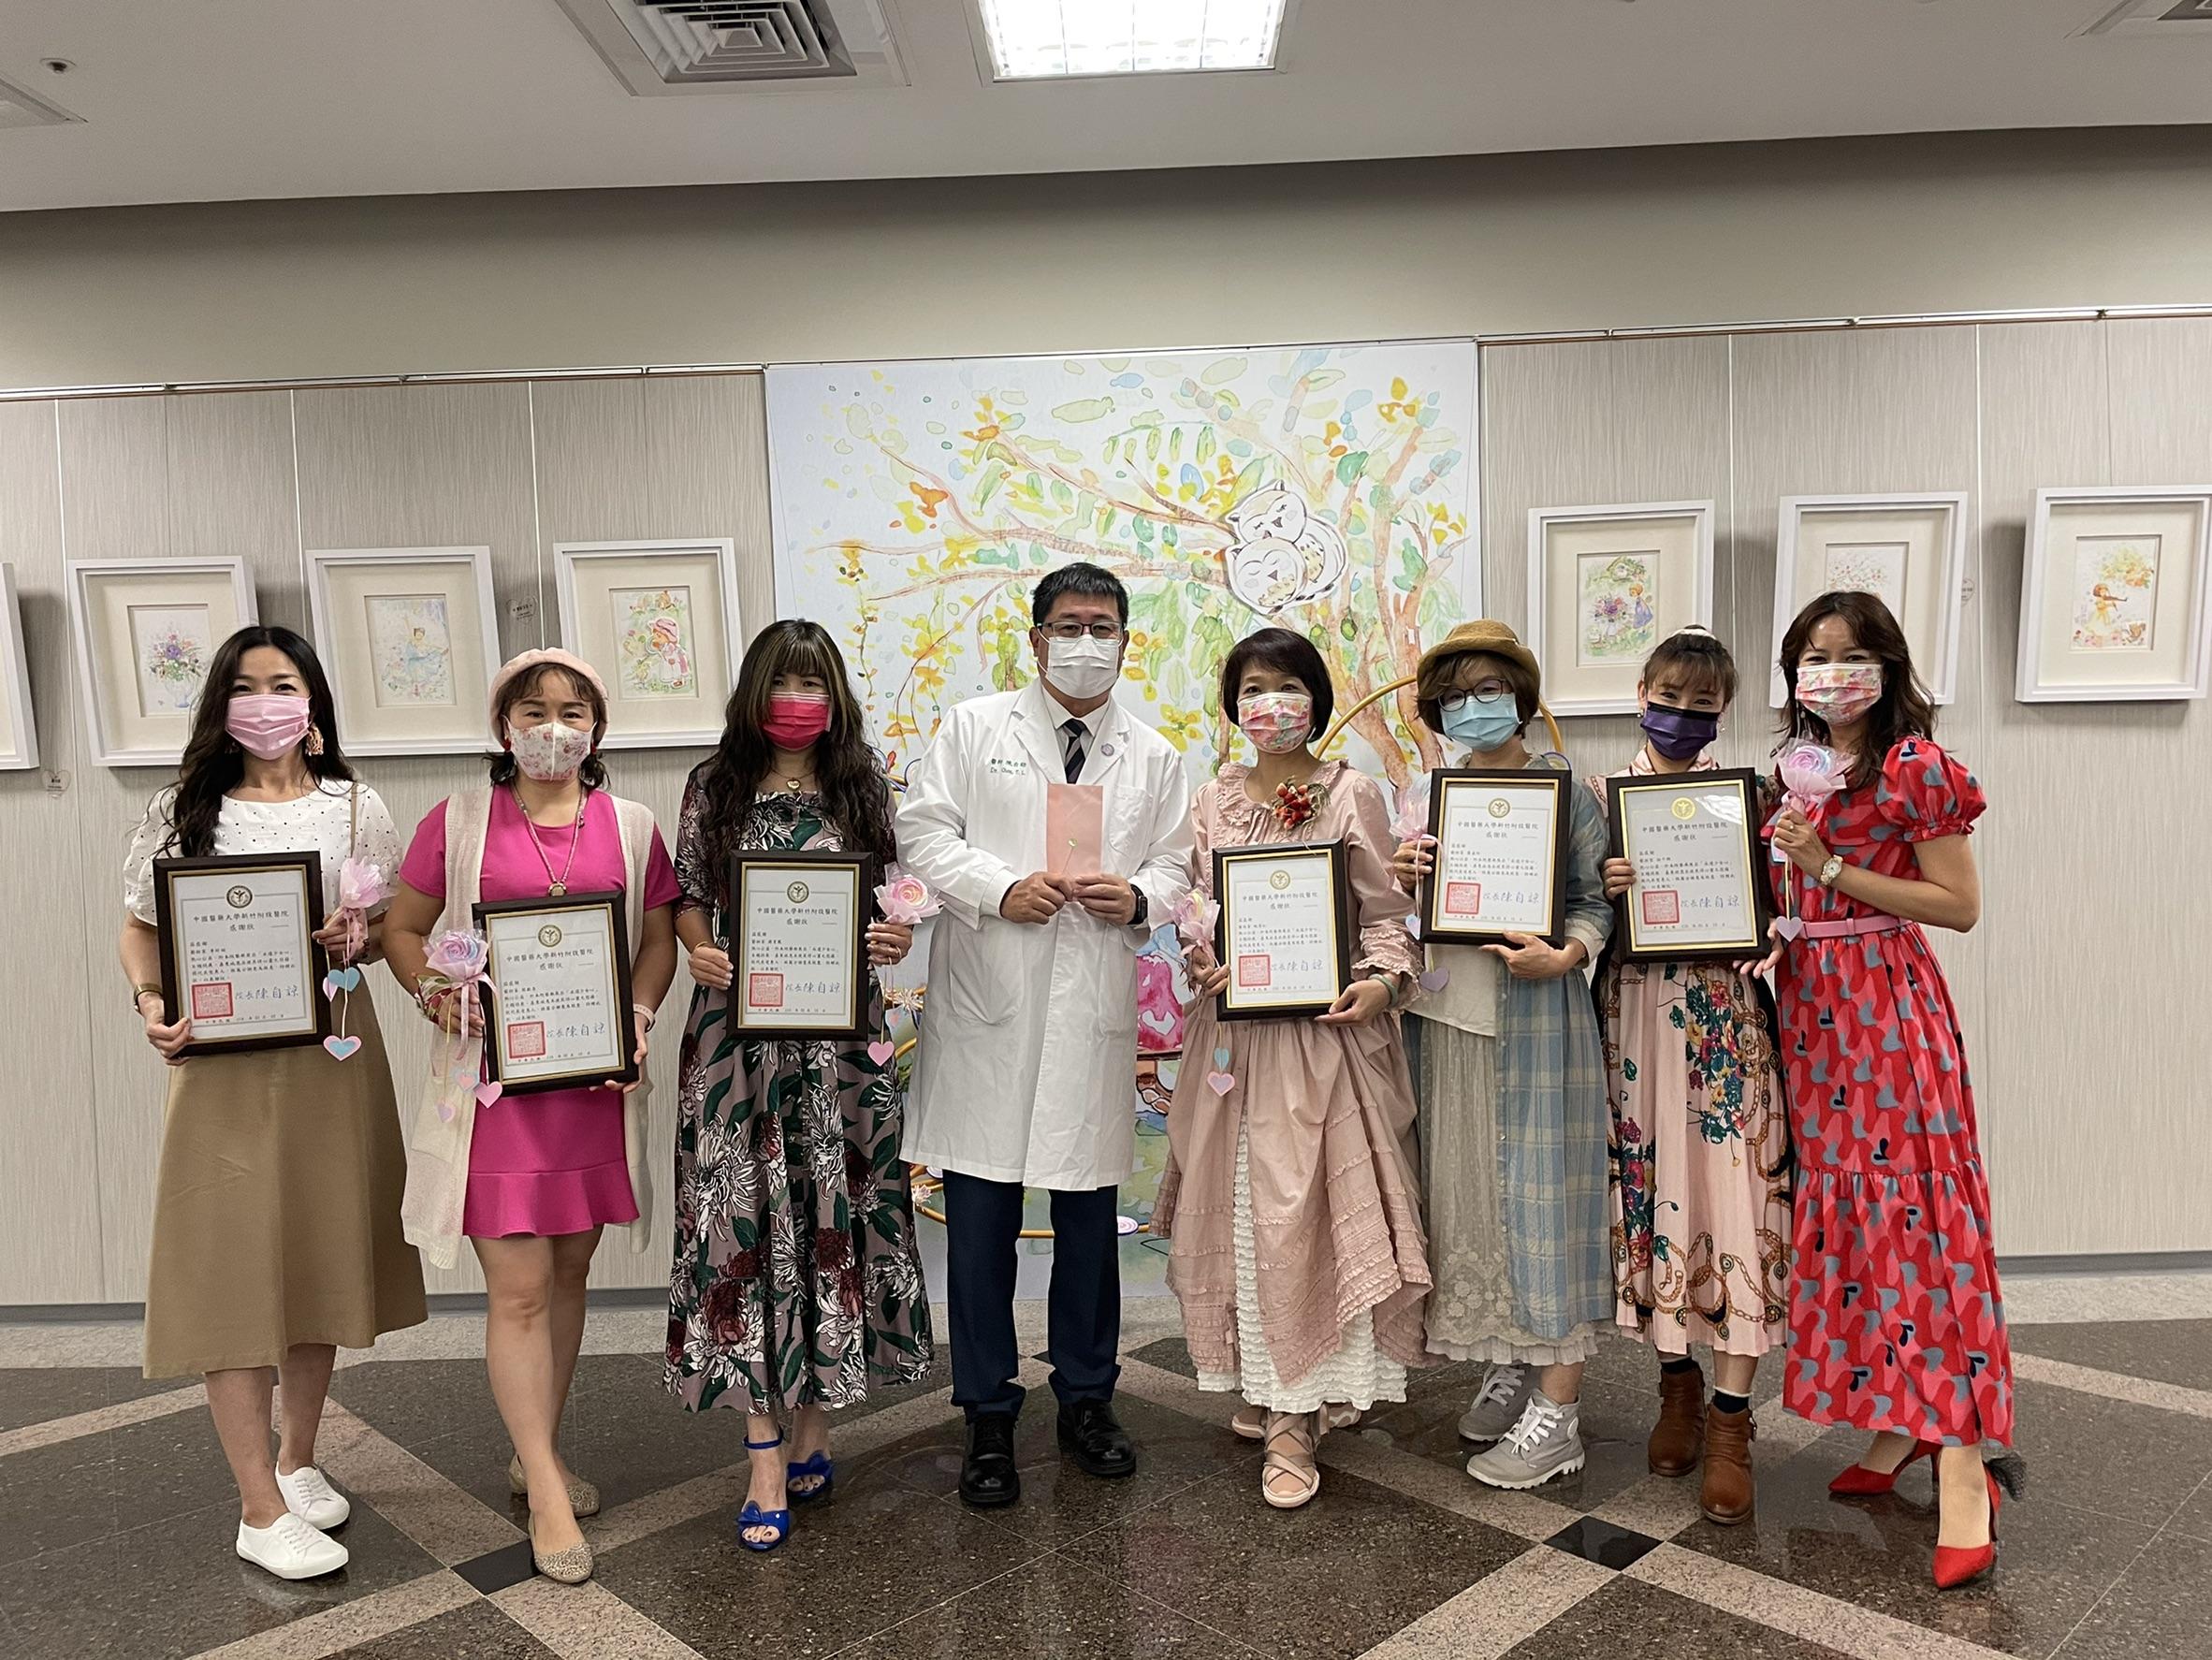 中醫大新竹分院藝廊即日起展出「永遠少女心」主題特展6藝術家療癒畫作結合裝置藝術和香氣